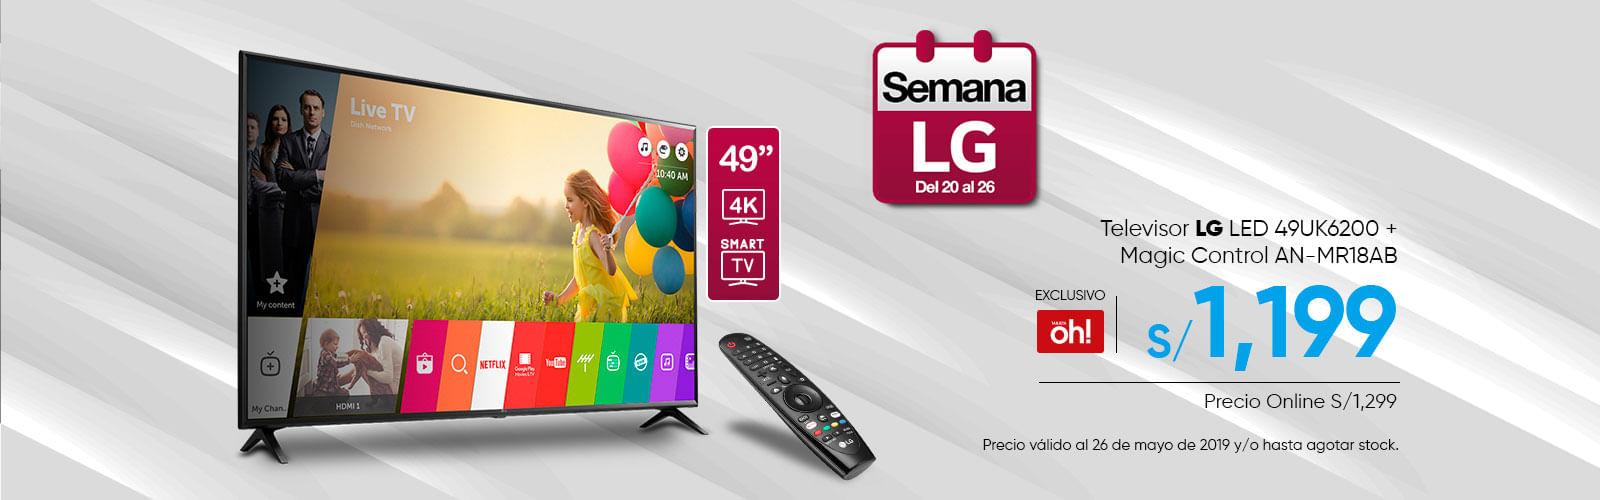 Televidor LG LED 49UK6200